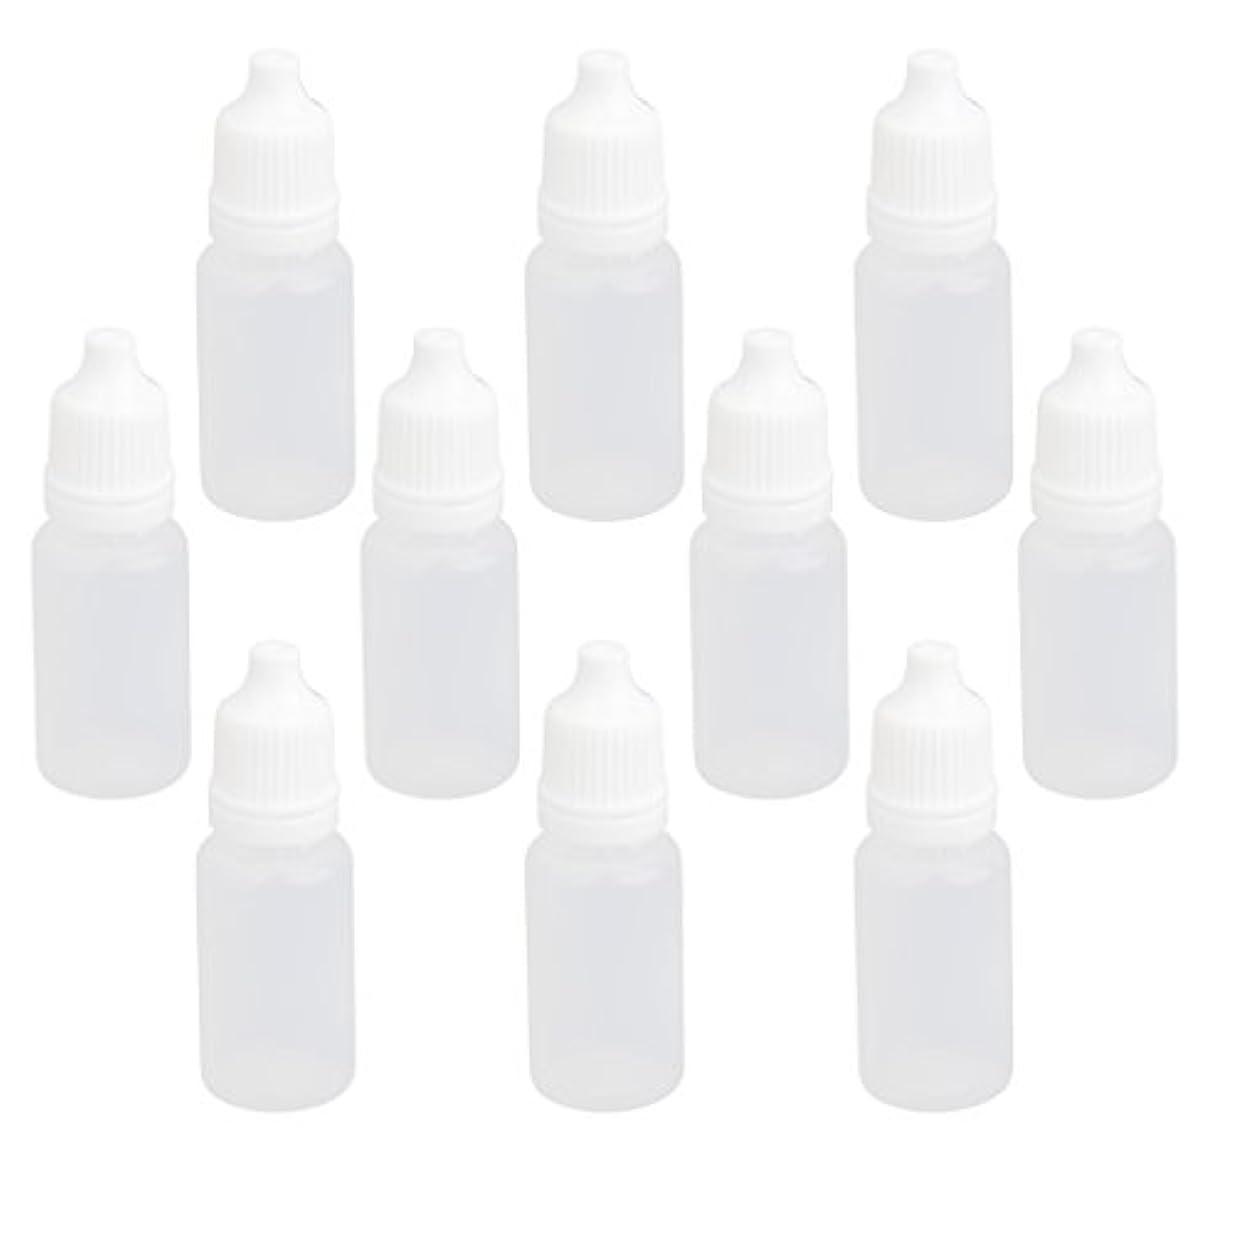 リラックスアドバンテージ日焼け【ノーブランド品】ドロッパーボトル 点眼 液体 貯蔵用 滴瓶 プラスチック製 10個 (10ml)